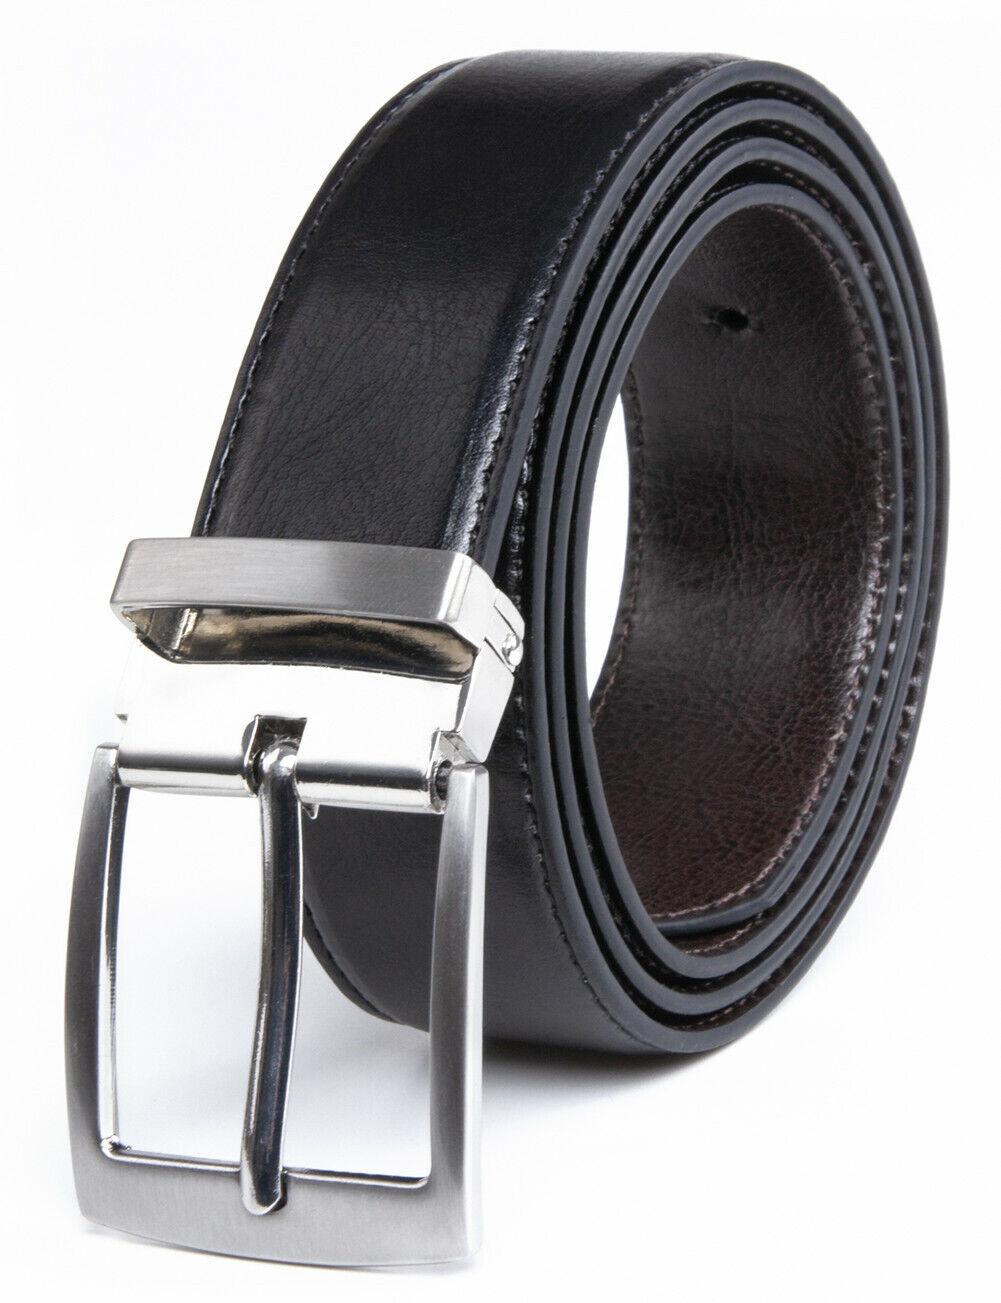 Men's Reversible Belts Leather Dress Belt for Men ,1.33INCH Width Belts